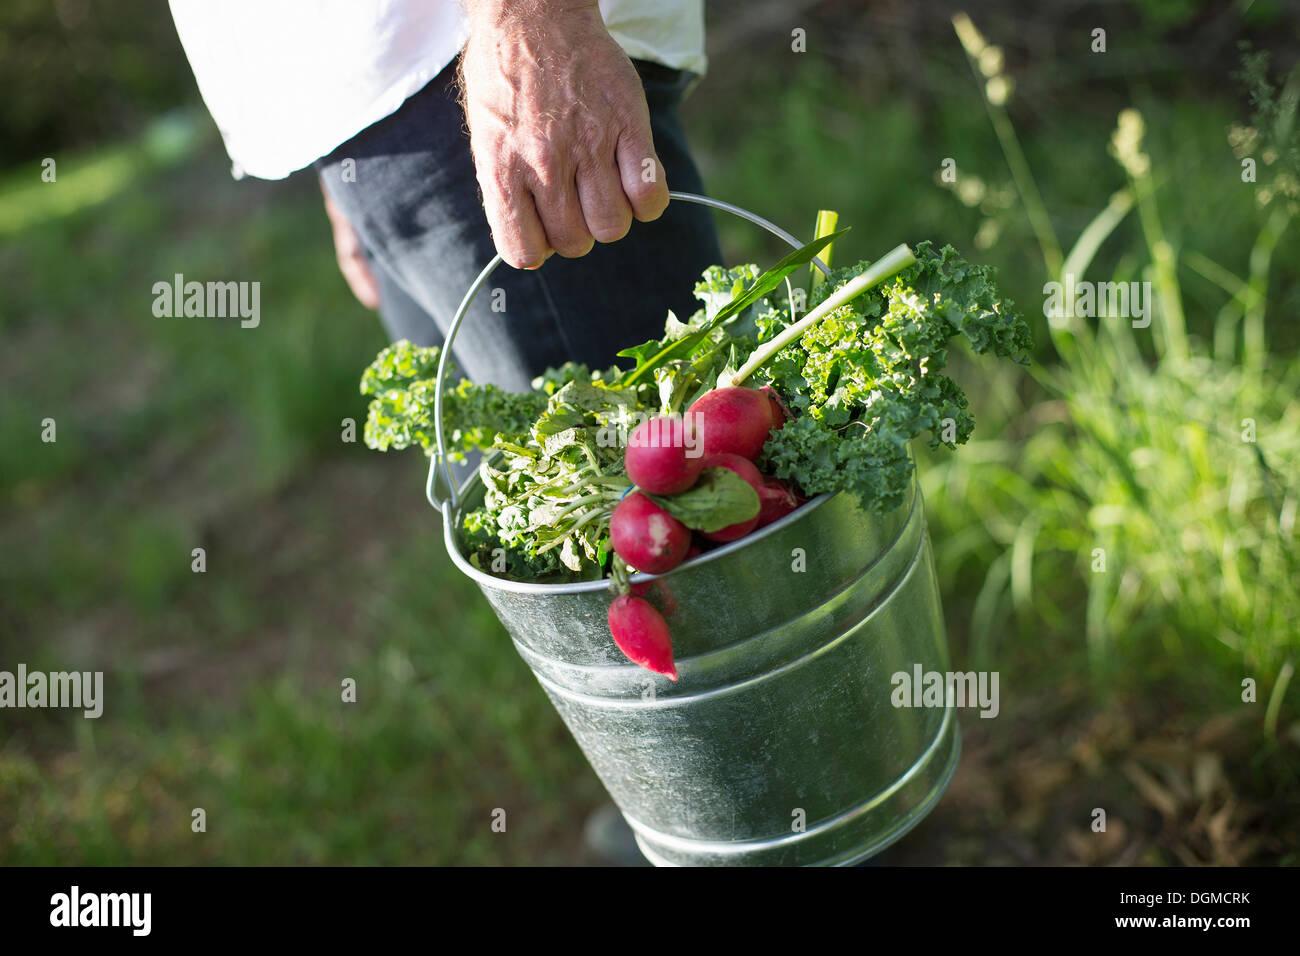 Azienda agricola biologica. Summer Party. Un uomo che porta un secchio di metallo di raccolte di foglie di insalata, erbe e verdure. Immagini Stock